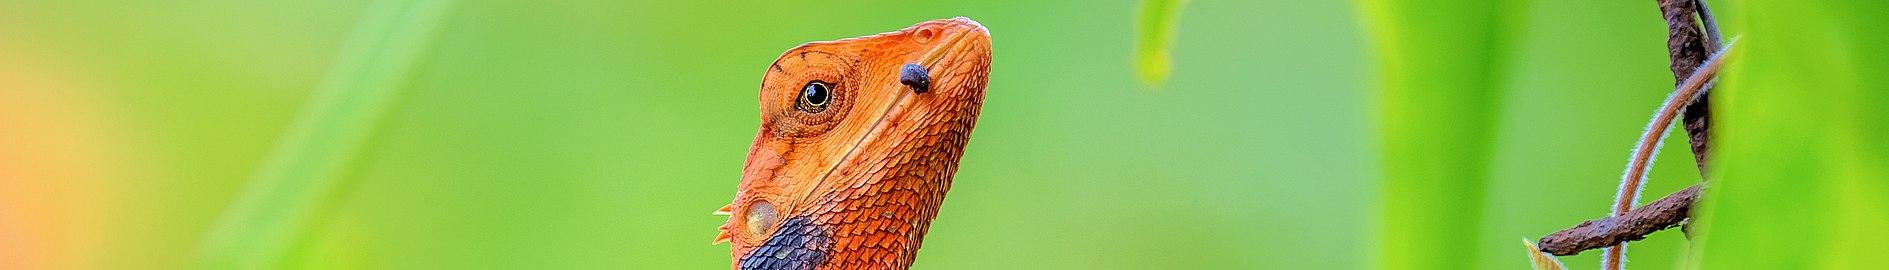 Garden Lizard (গিরগিটি) (cropped).jpg